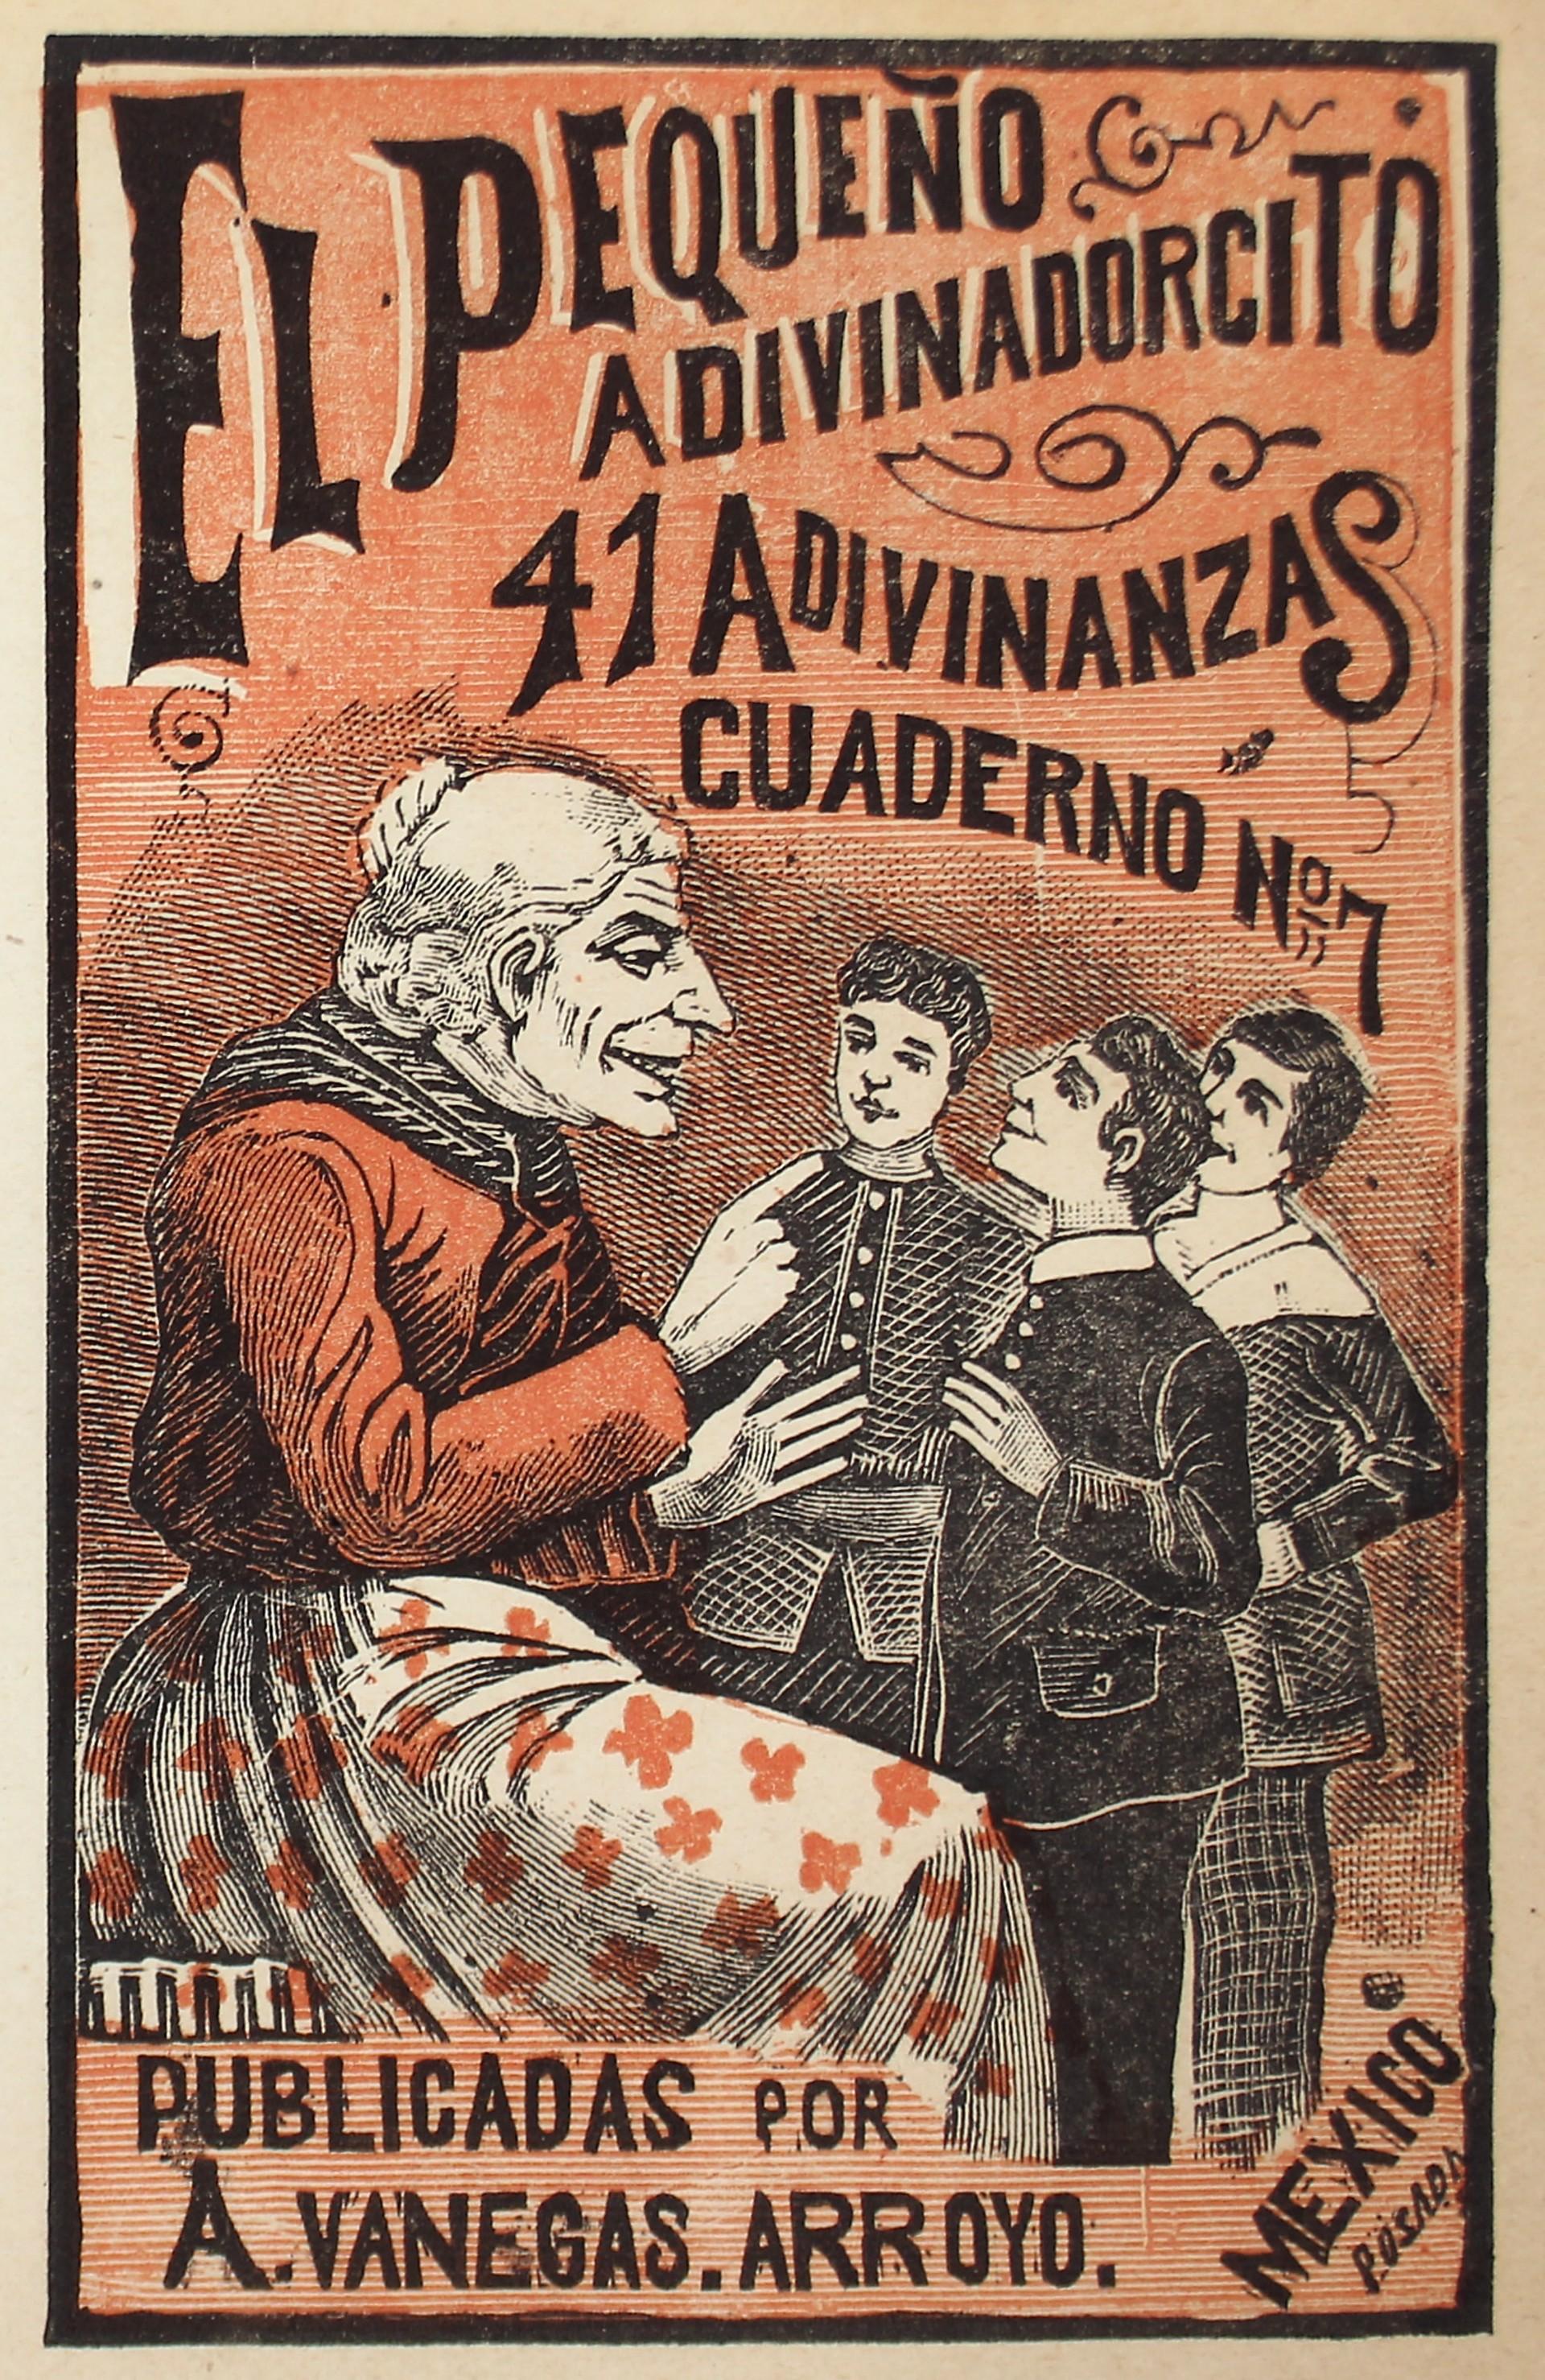 El Pequeno Adivinadorcito, 41 adivinanzas, no. 7 by José Guadalupe Posada (1852 - 1913)